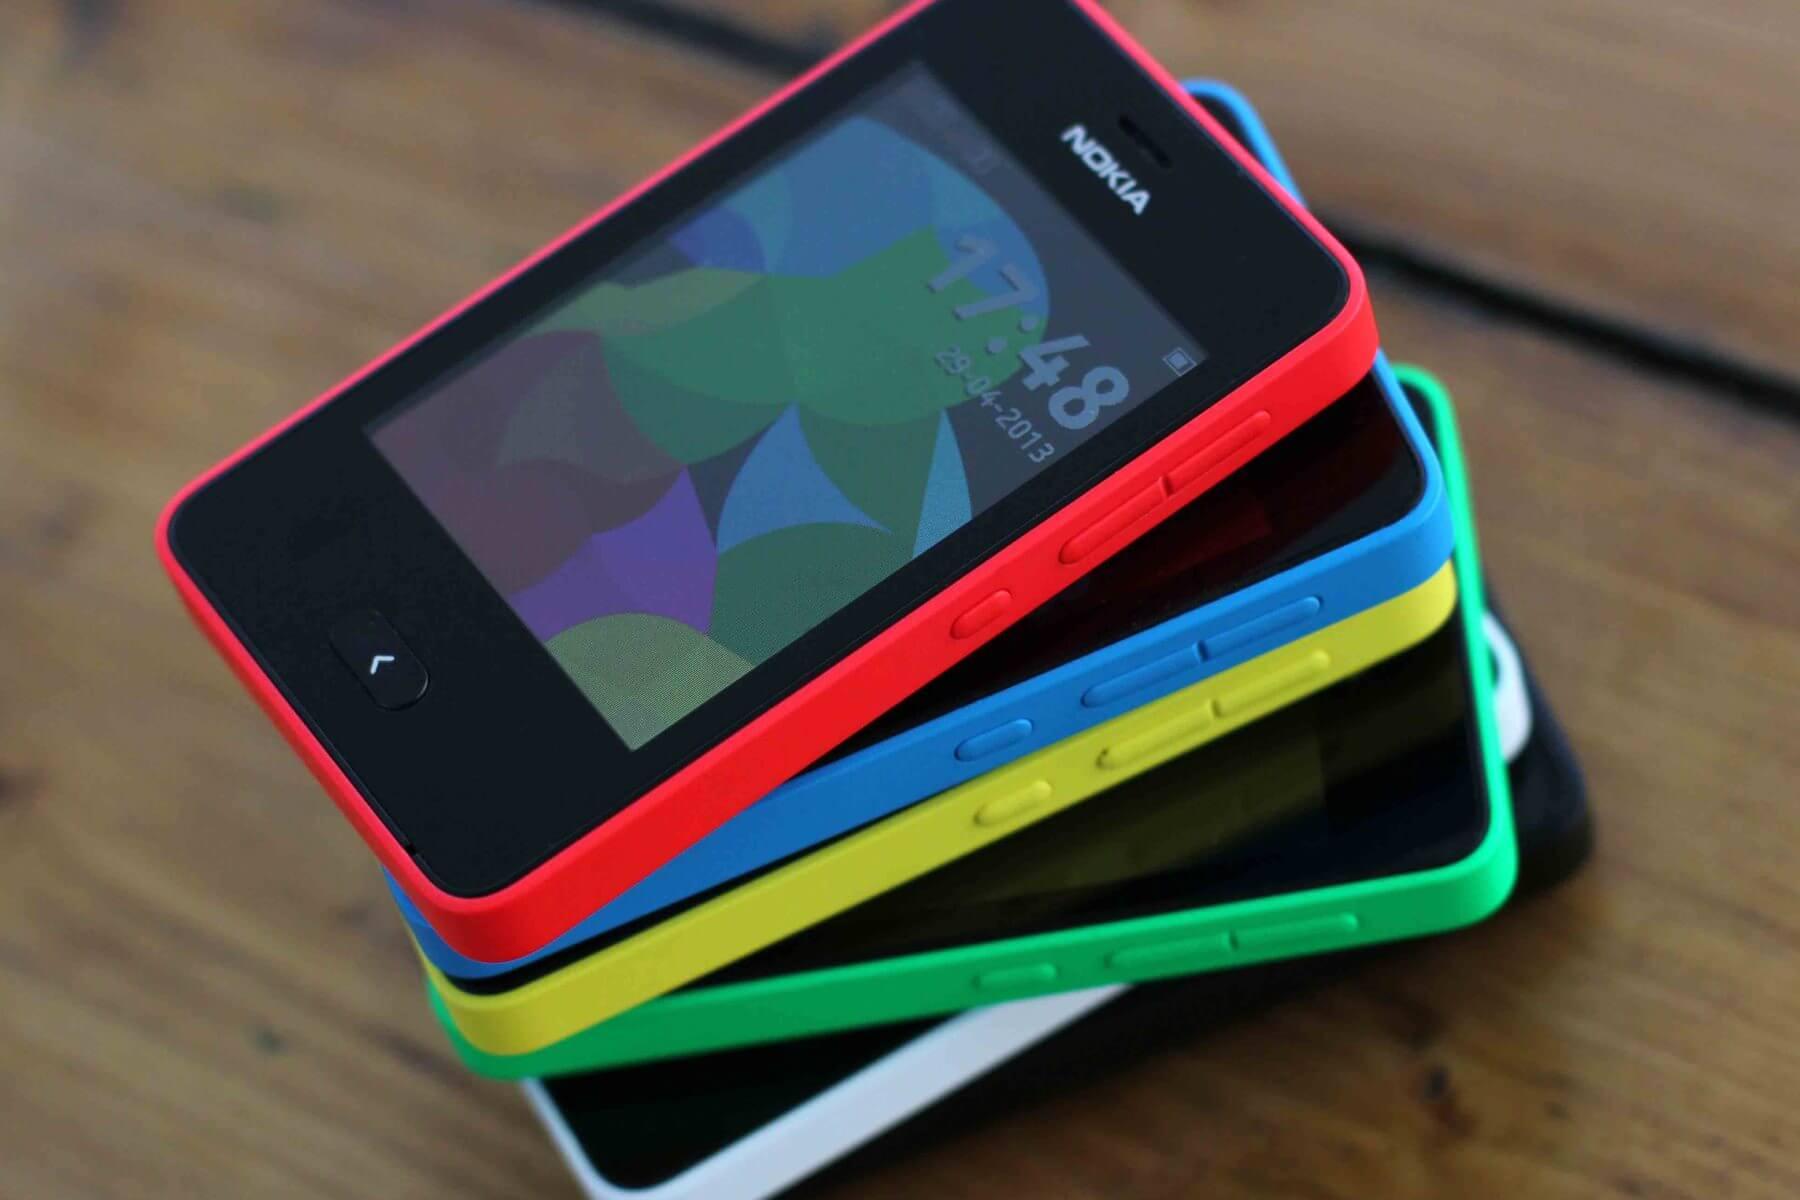 Фотографии прототипа смартфона Nokia F1 утекли в сеть